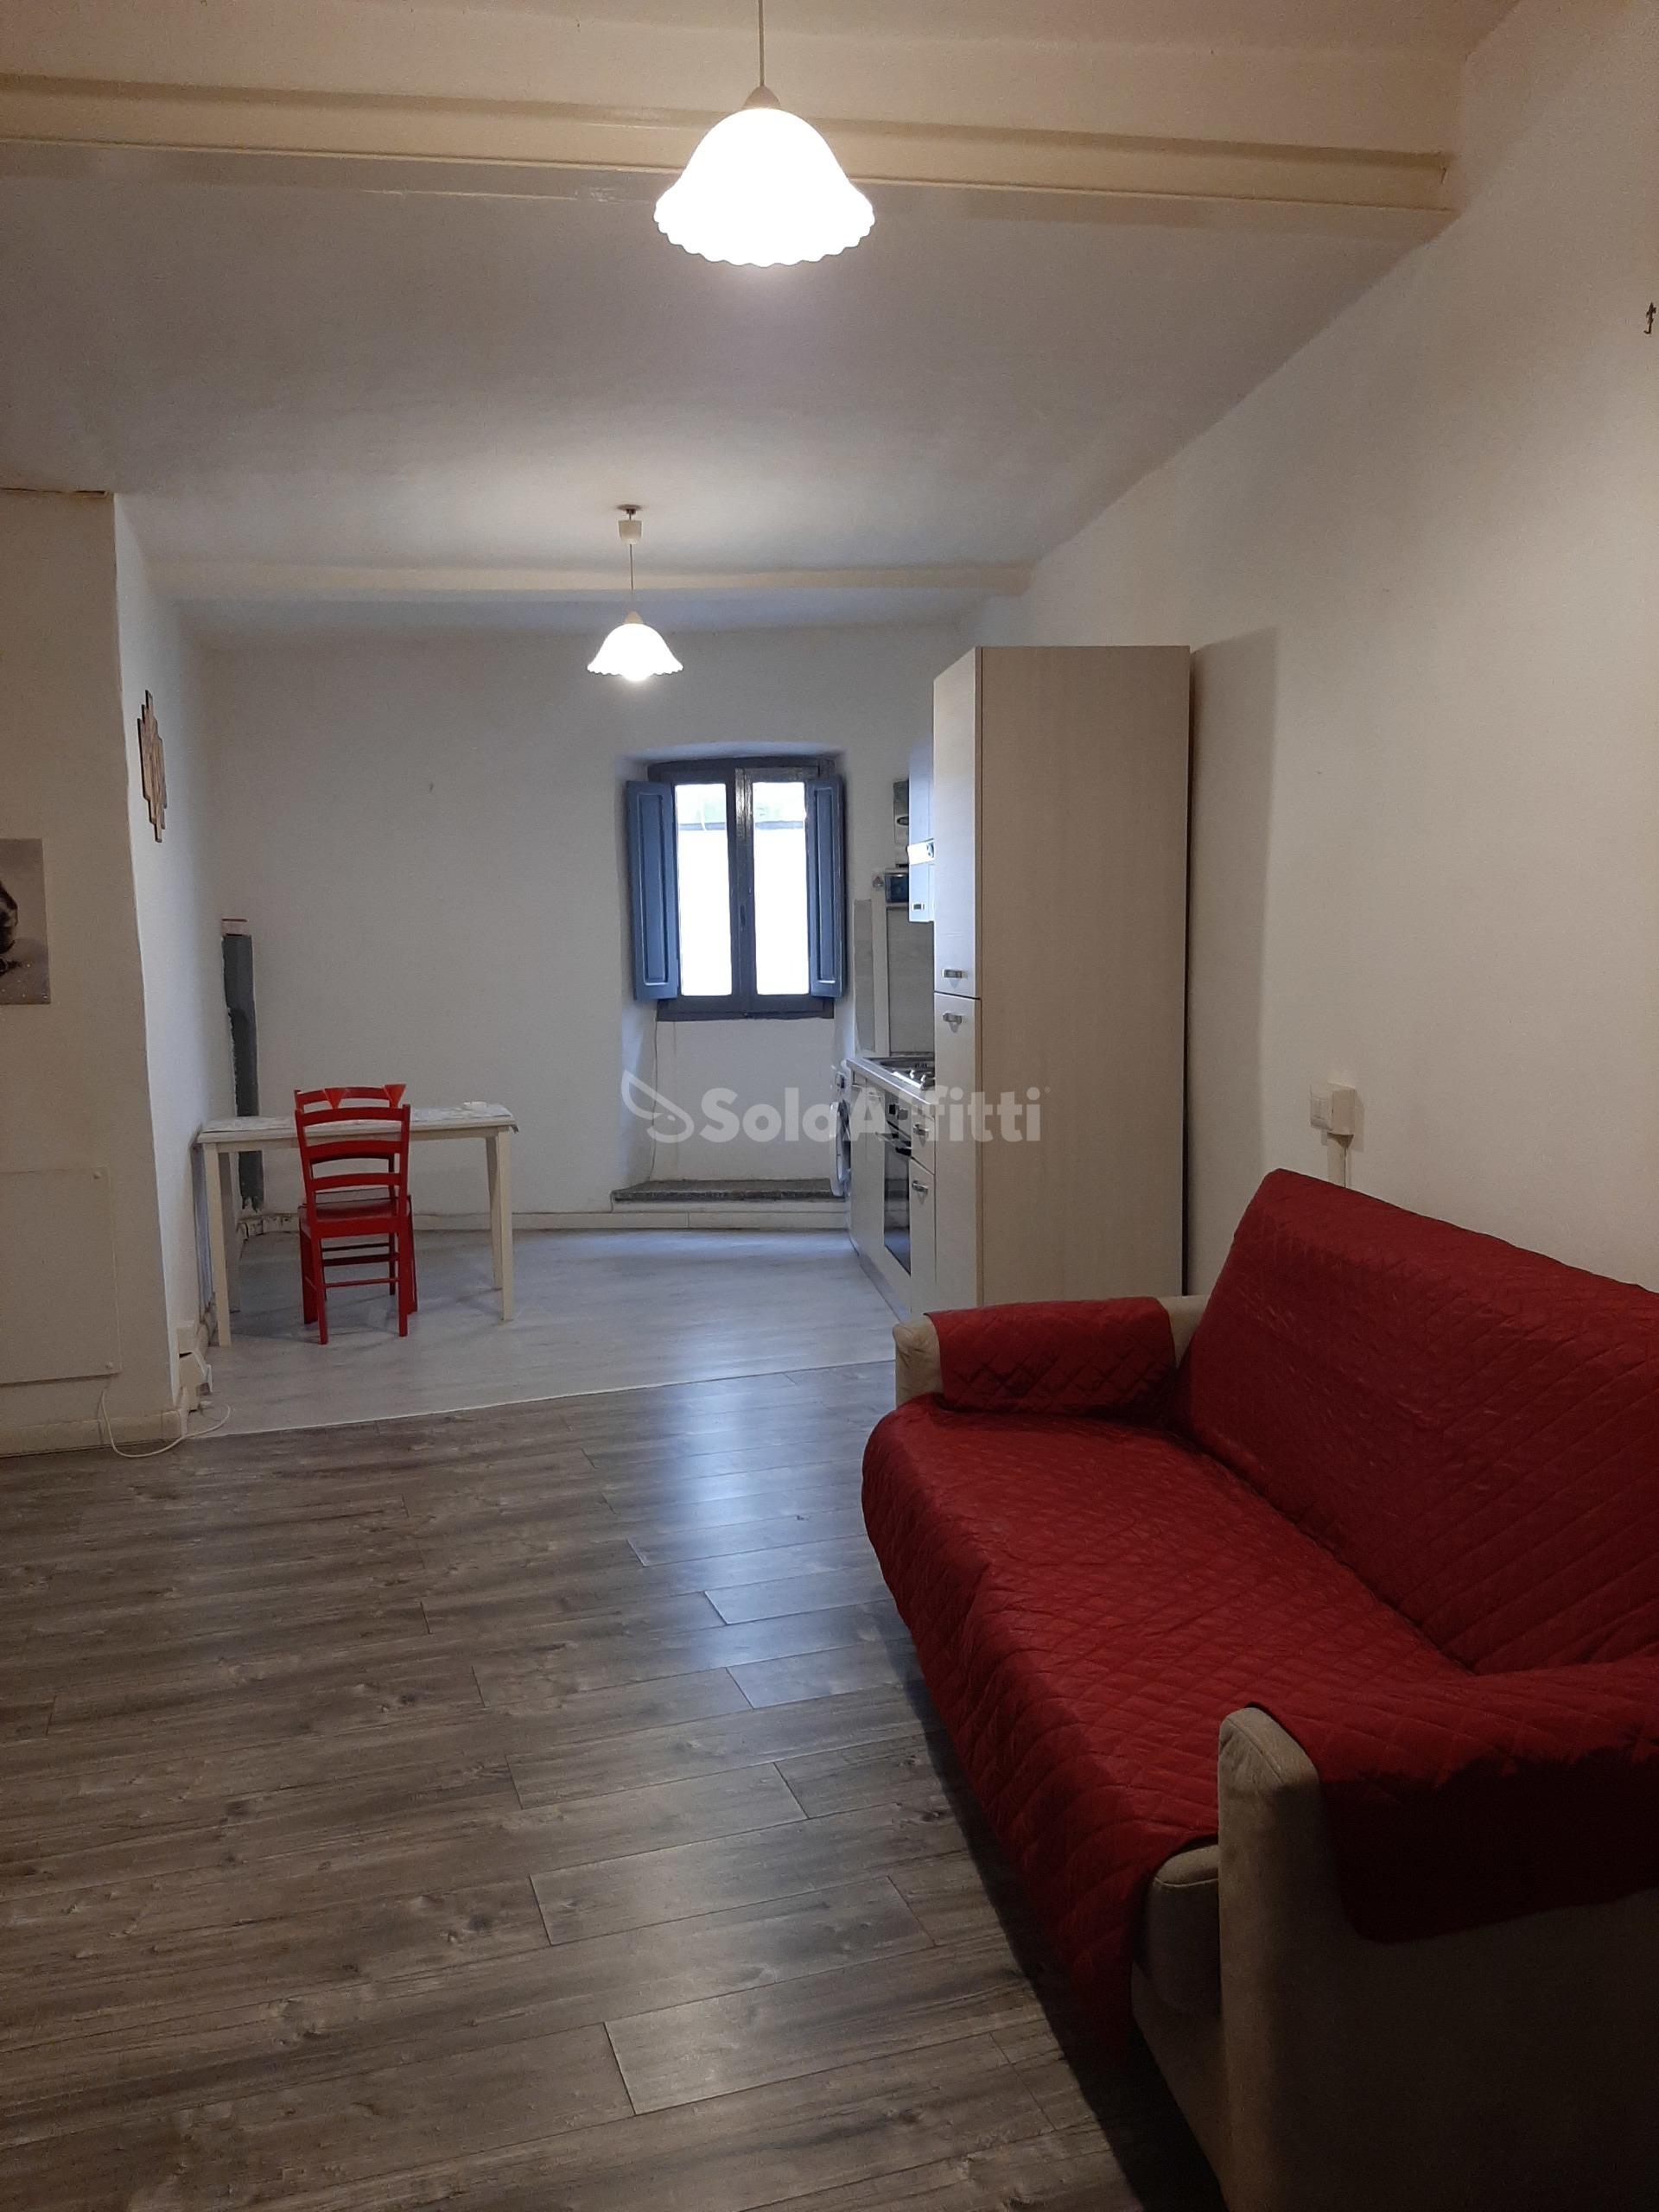 Appartamento Monolocale 54 mq.